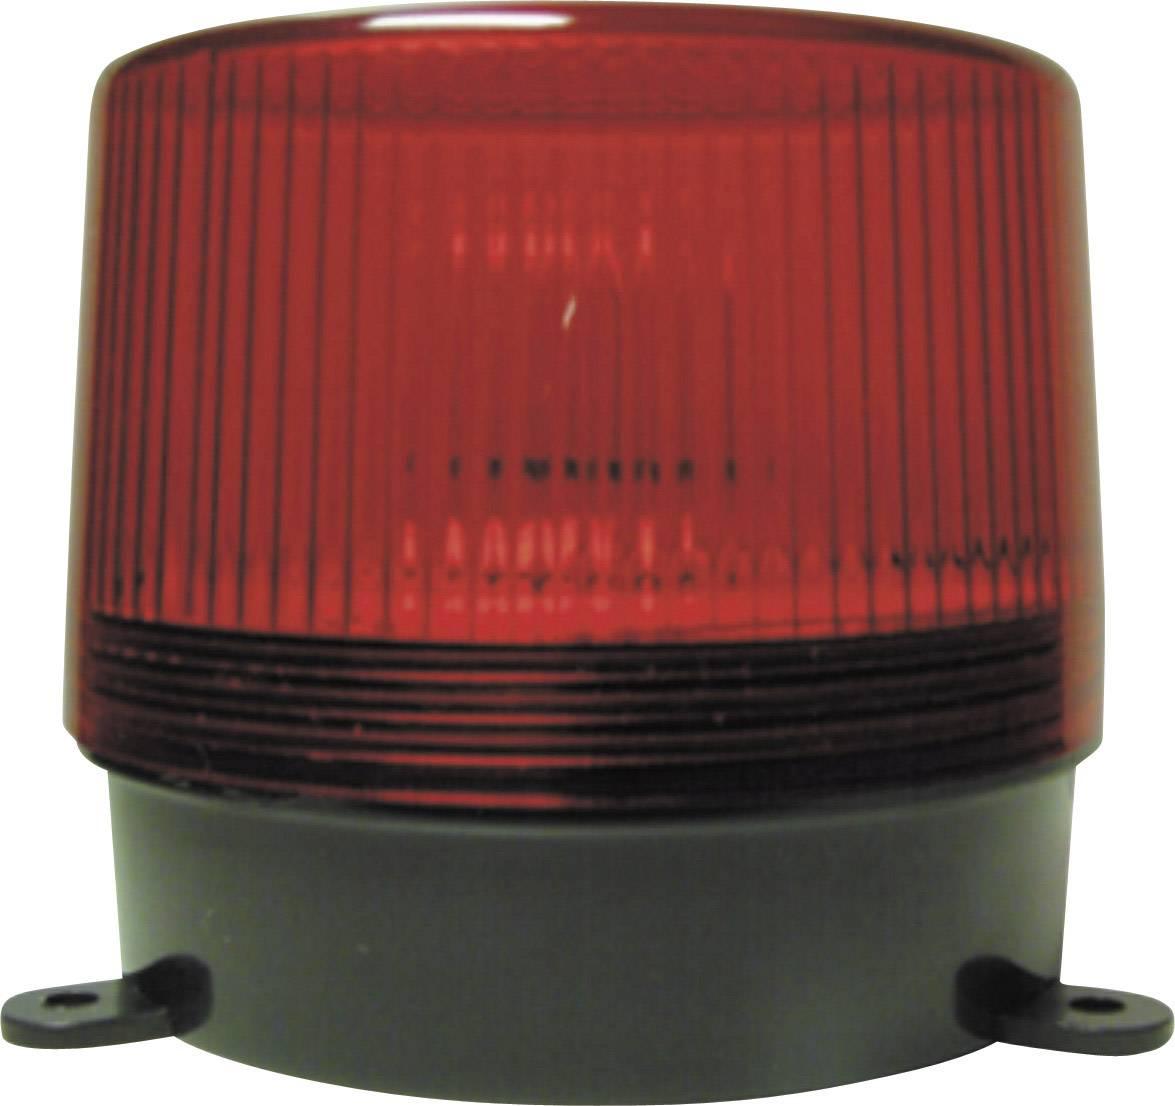 Alarmový stroboskop Elron SA110A, 90 bliknutí/min, červená